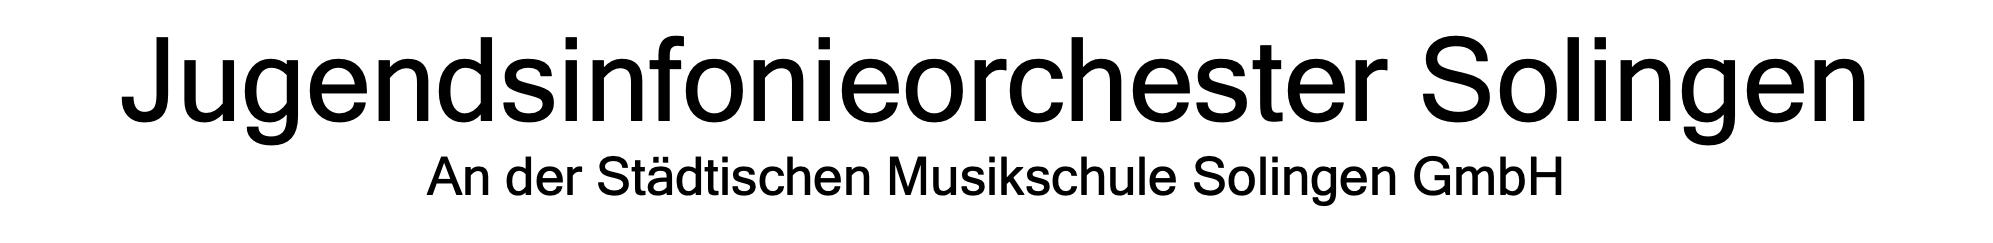 Jugendsinfonieorchester Solingen